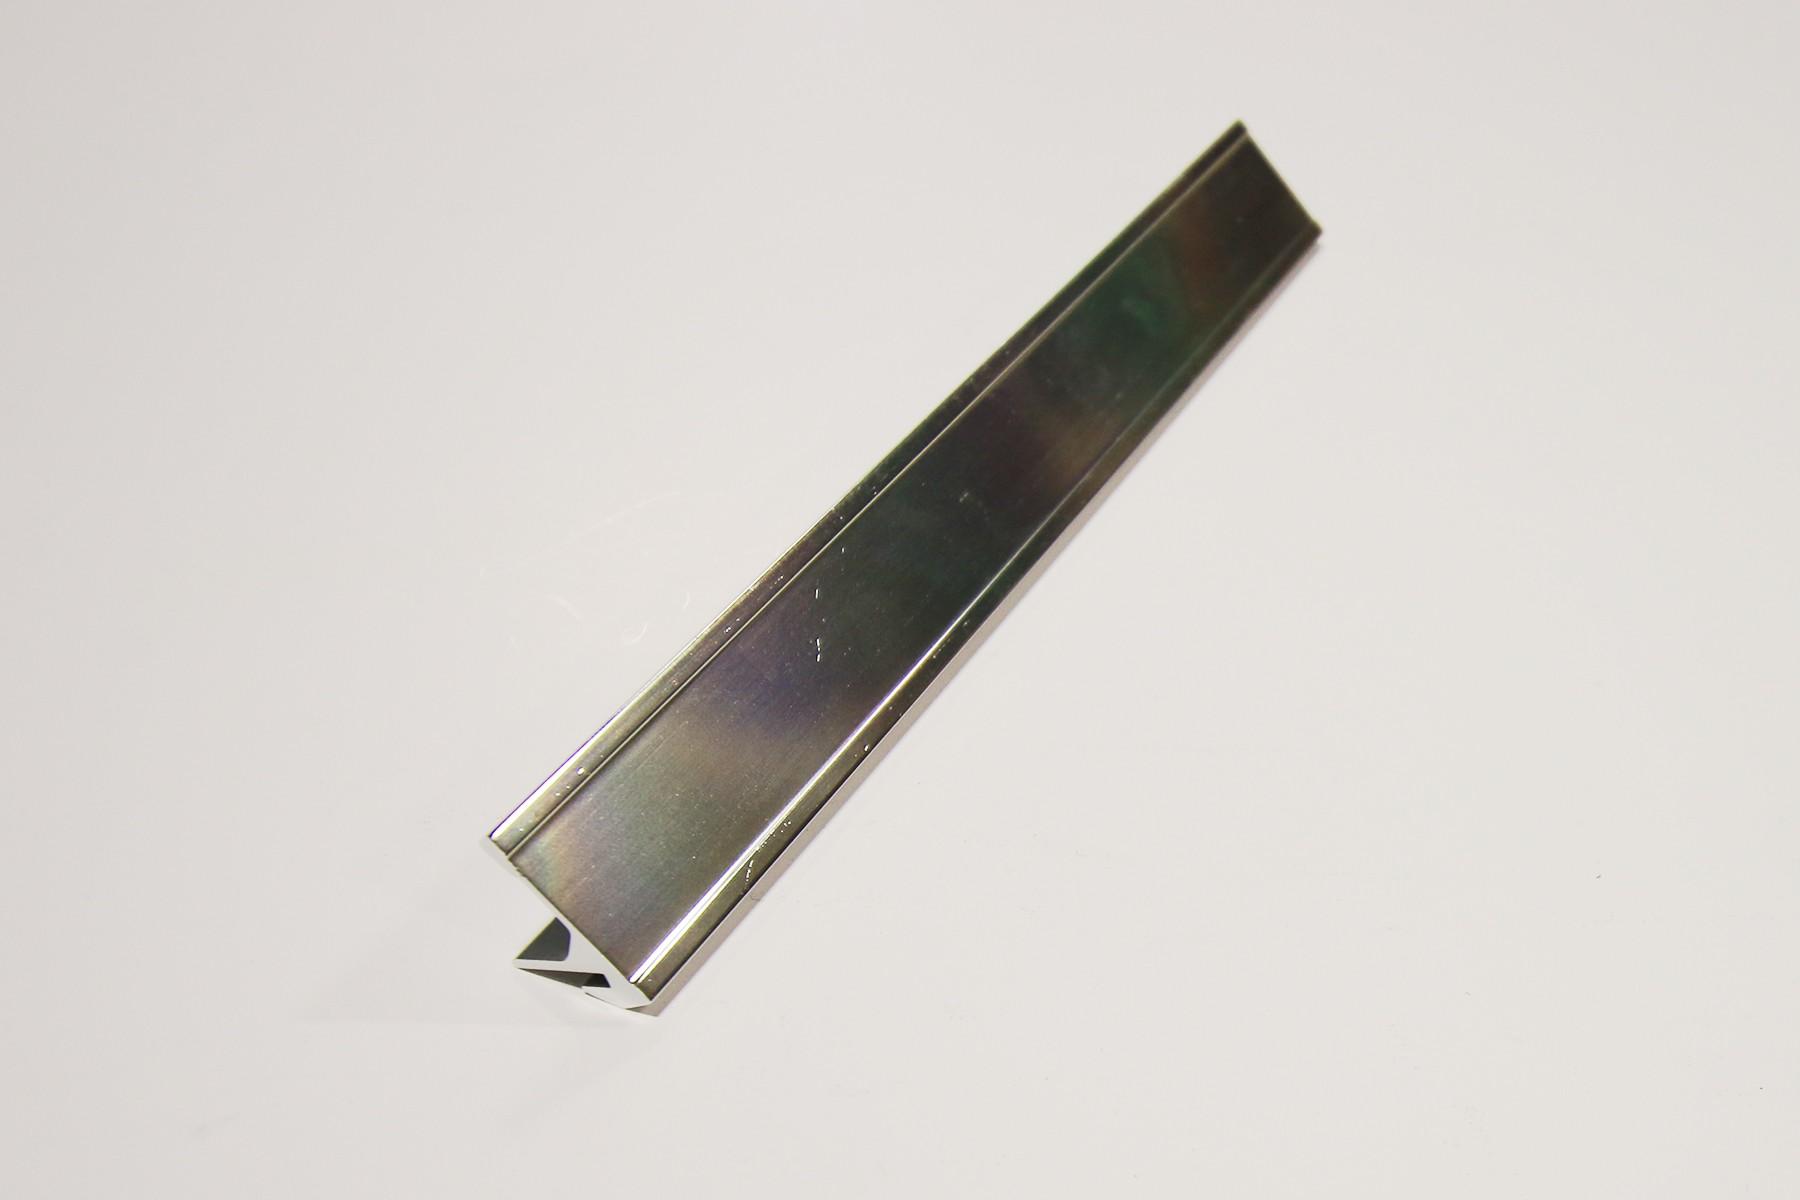 15/16 x 4 Desk Base, Silver